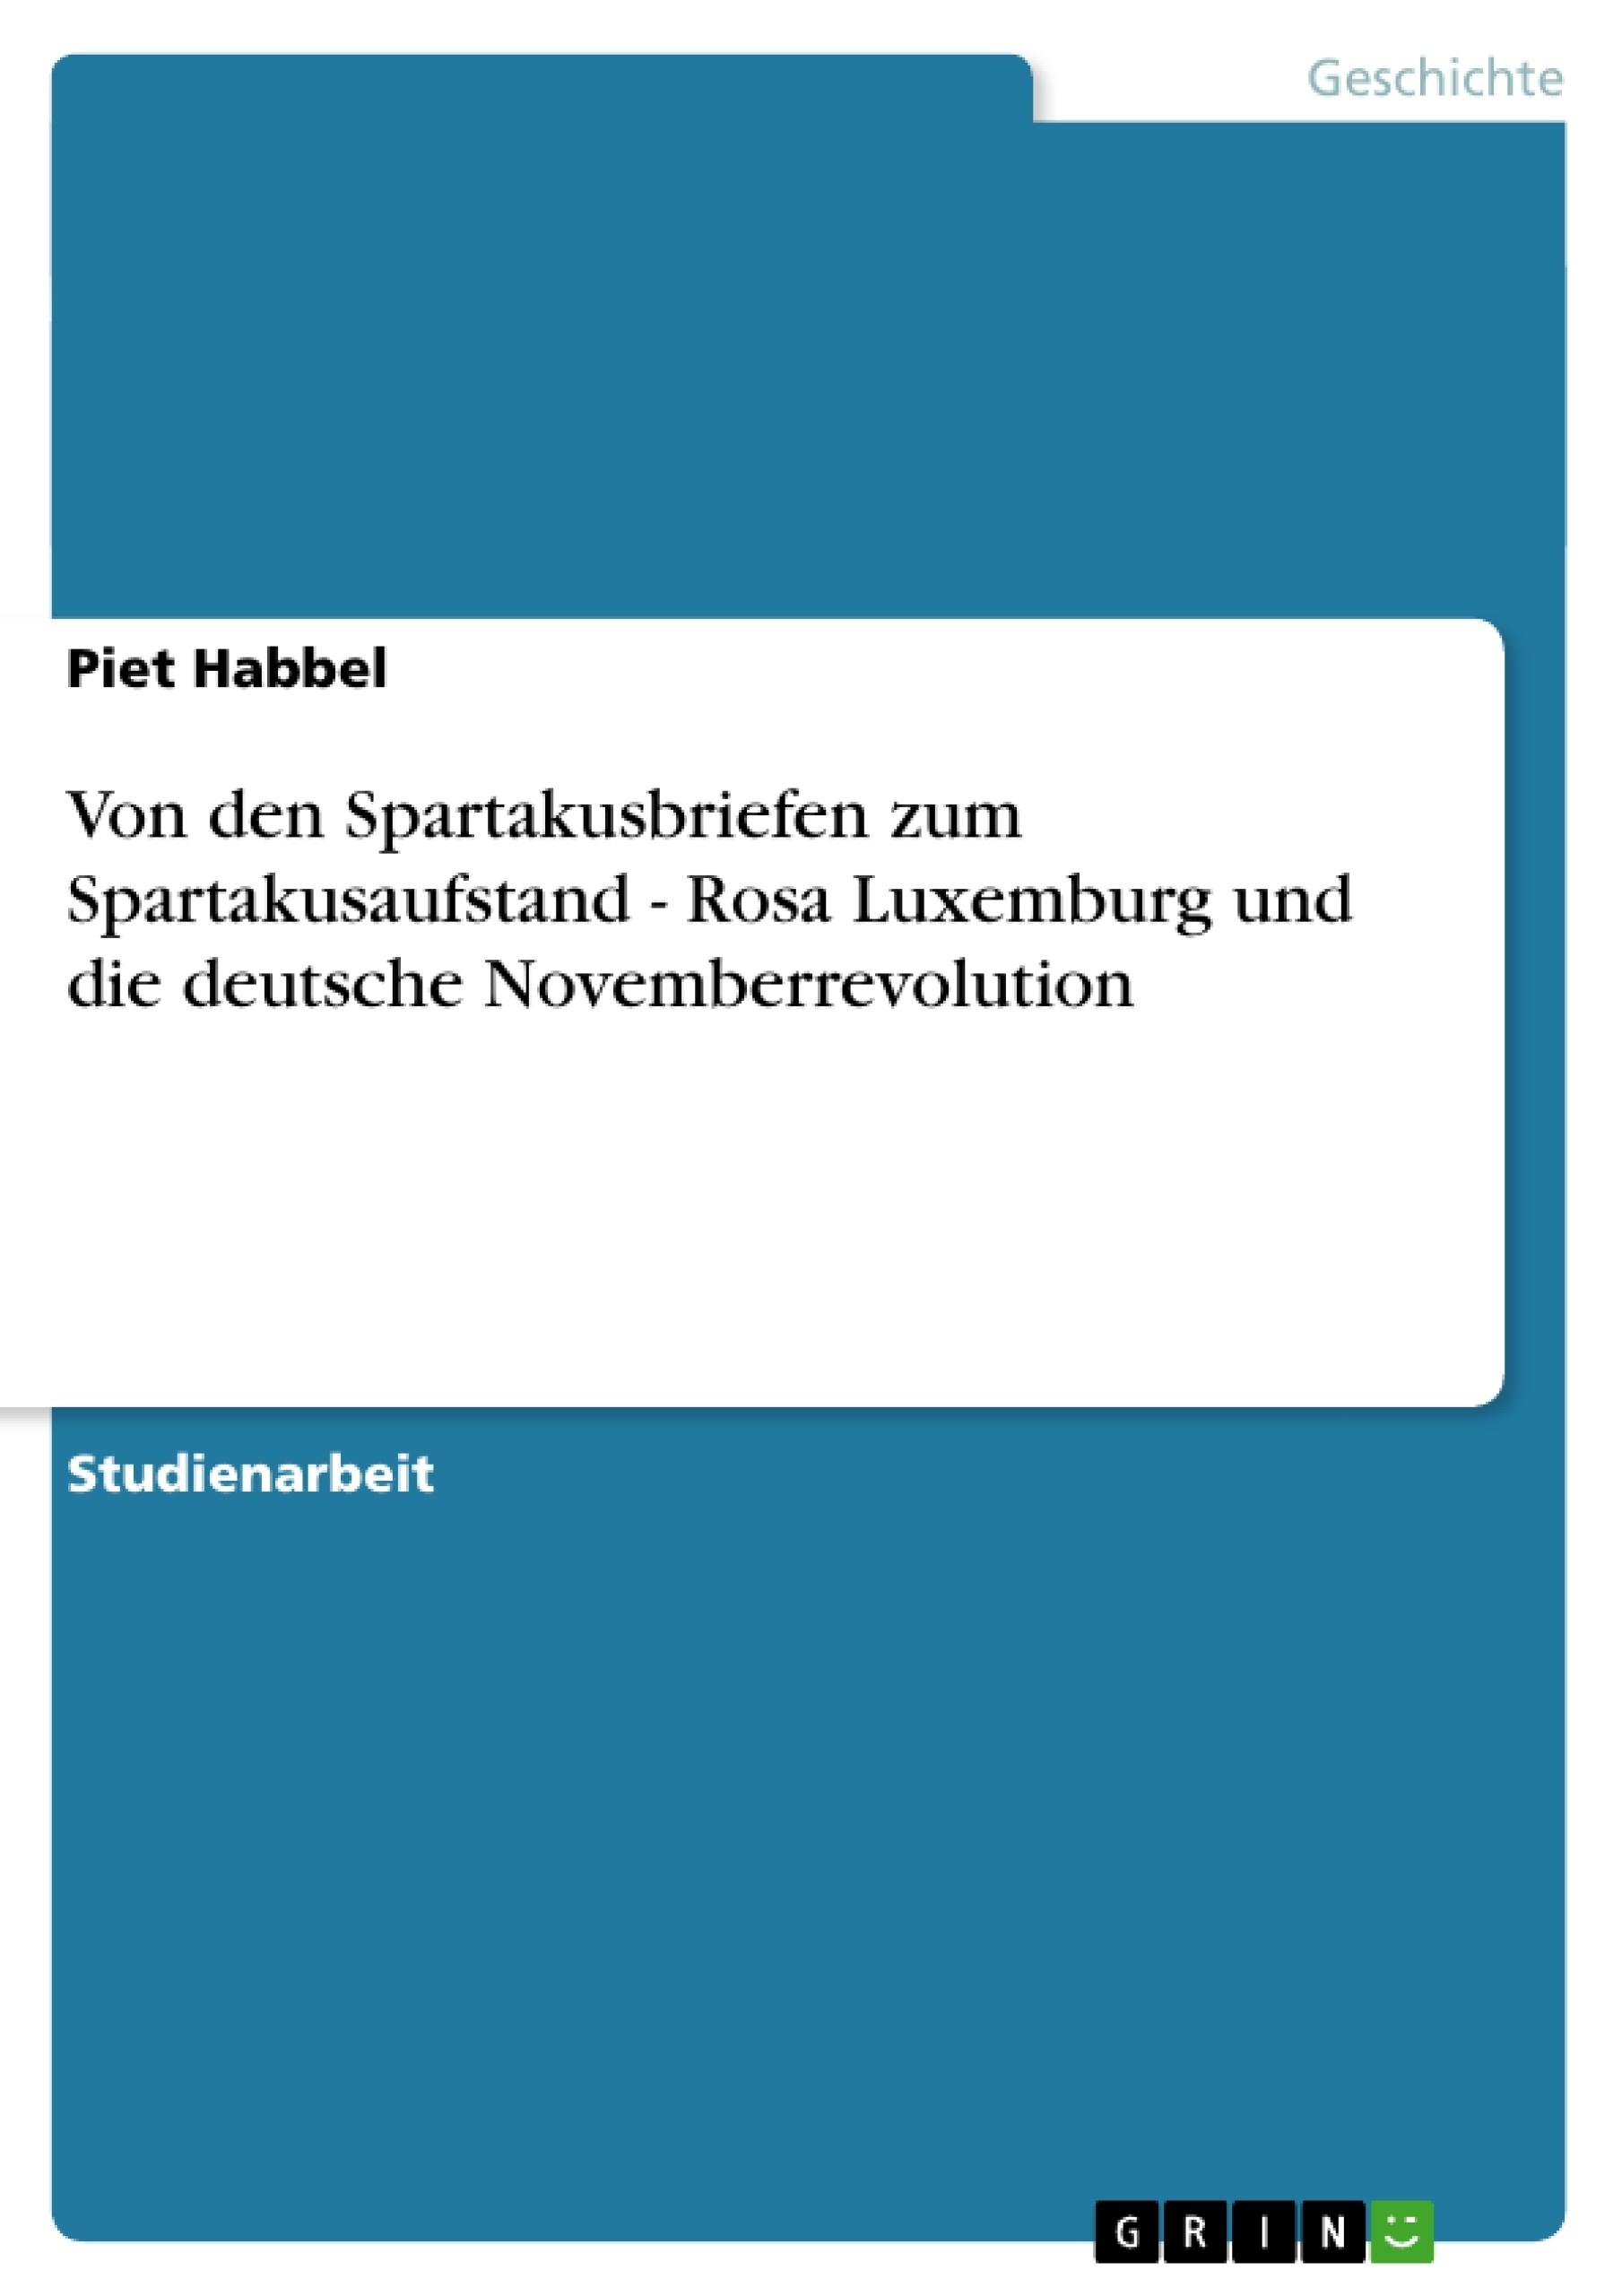 Titel: Von den Spartakusbriefen zum Spartakusaufstand - Rosa Luxemburg und die deutsche Novemberrevolution